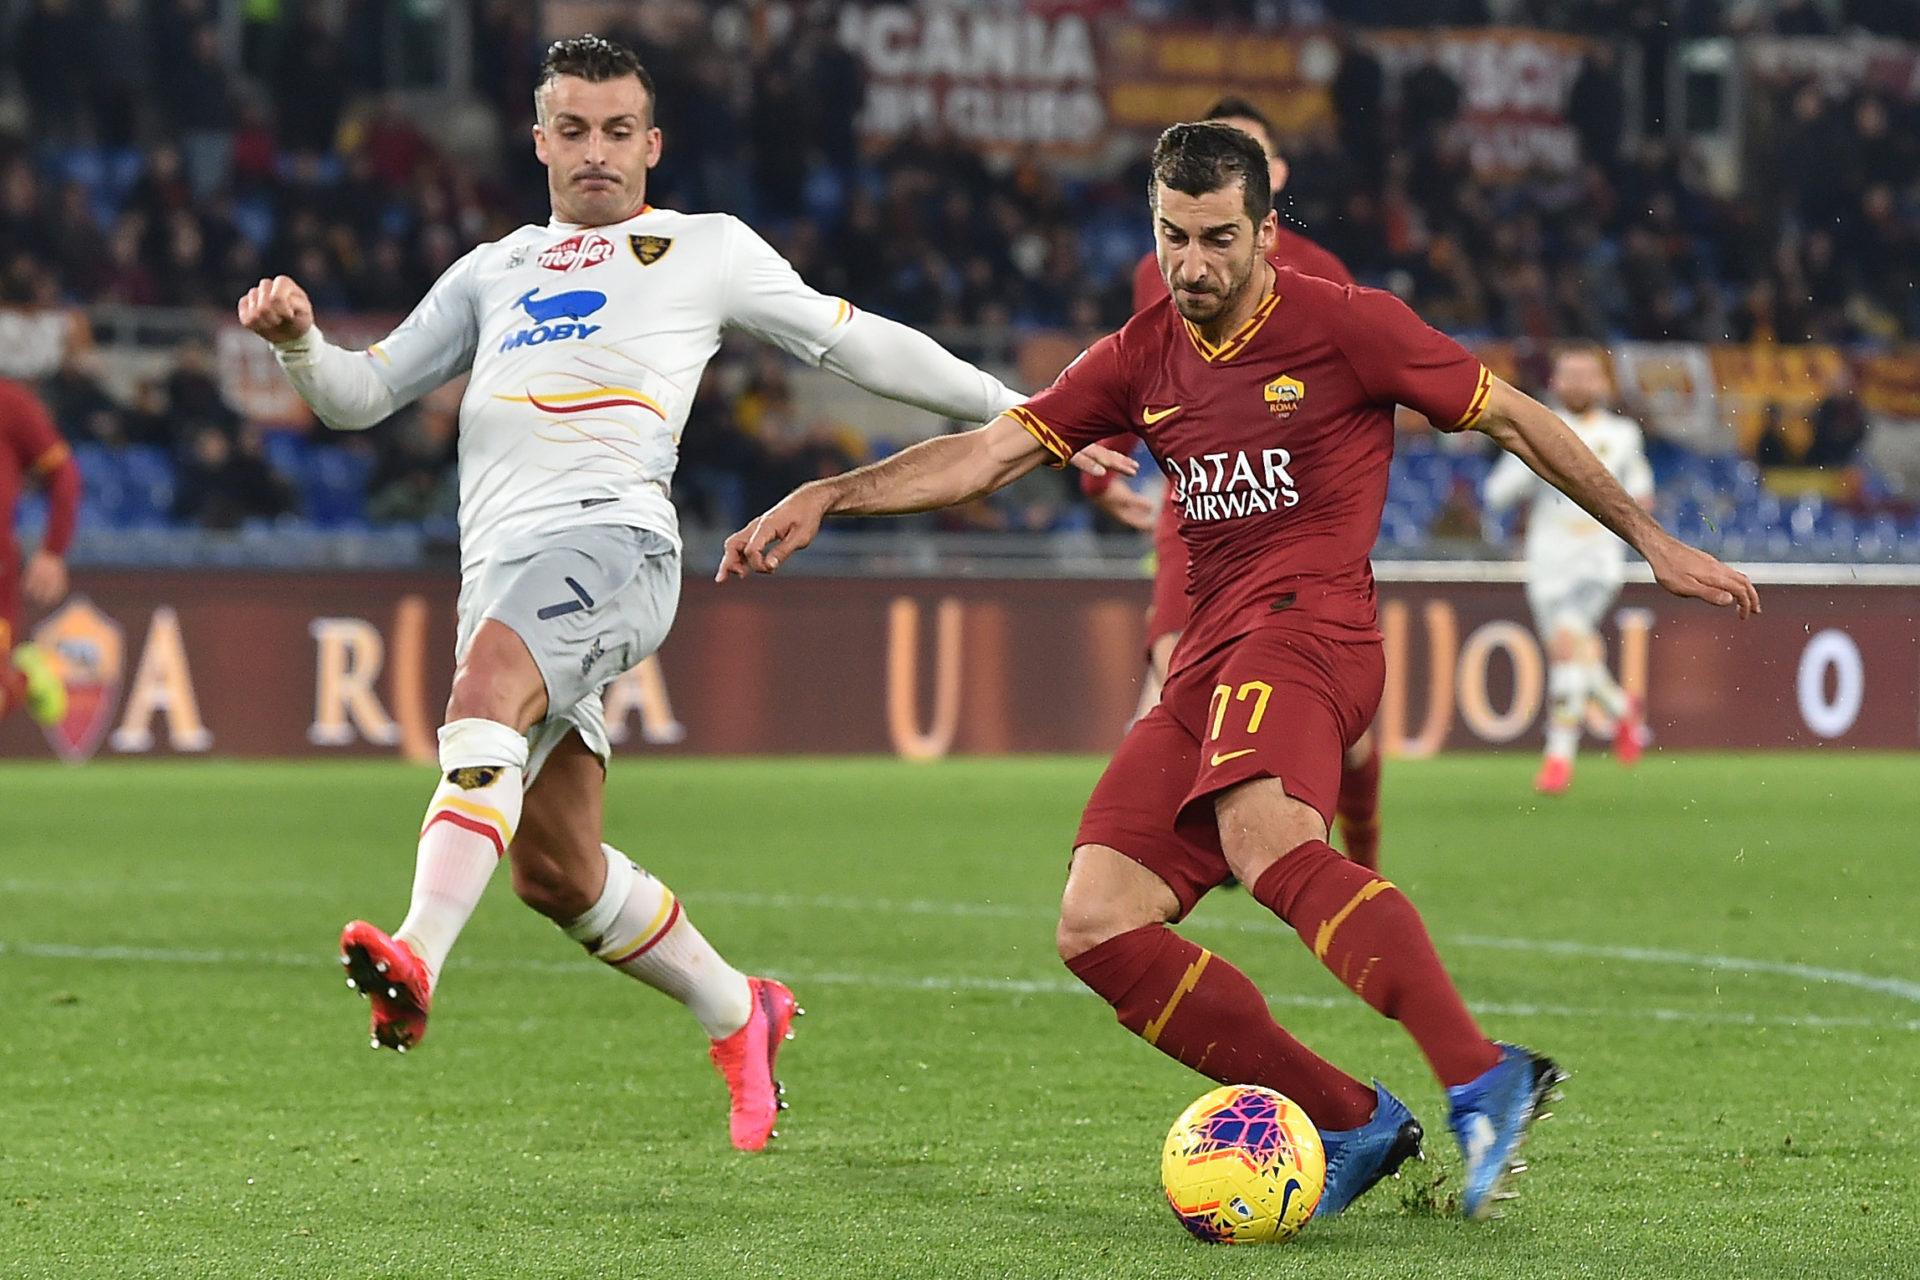 Calciomercato Roma, Mkhitaryan non si muove: l'Arsenal aiuta Petrachi